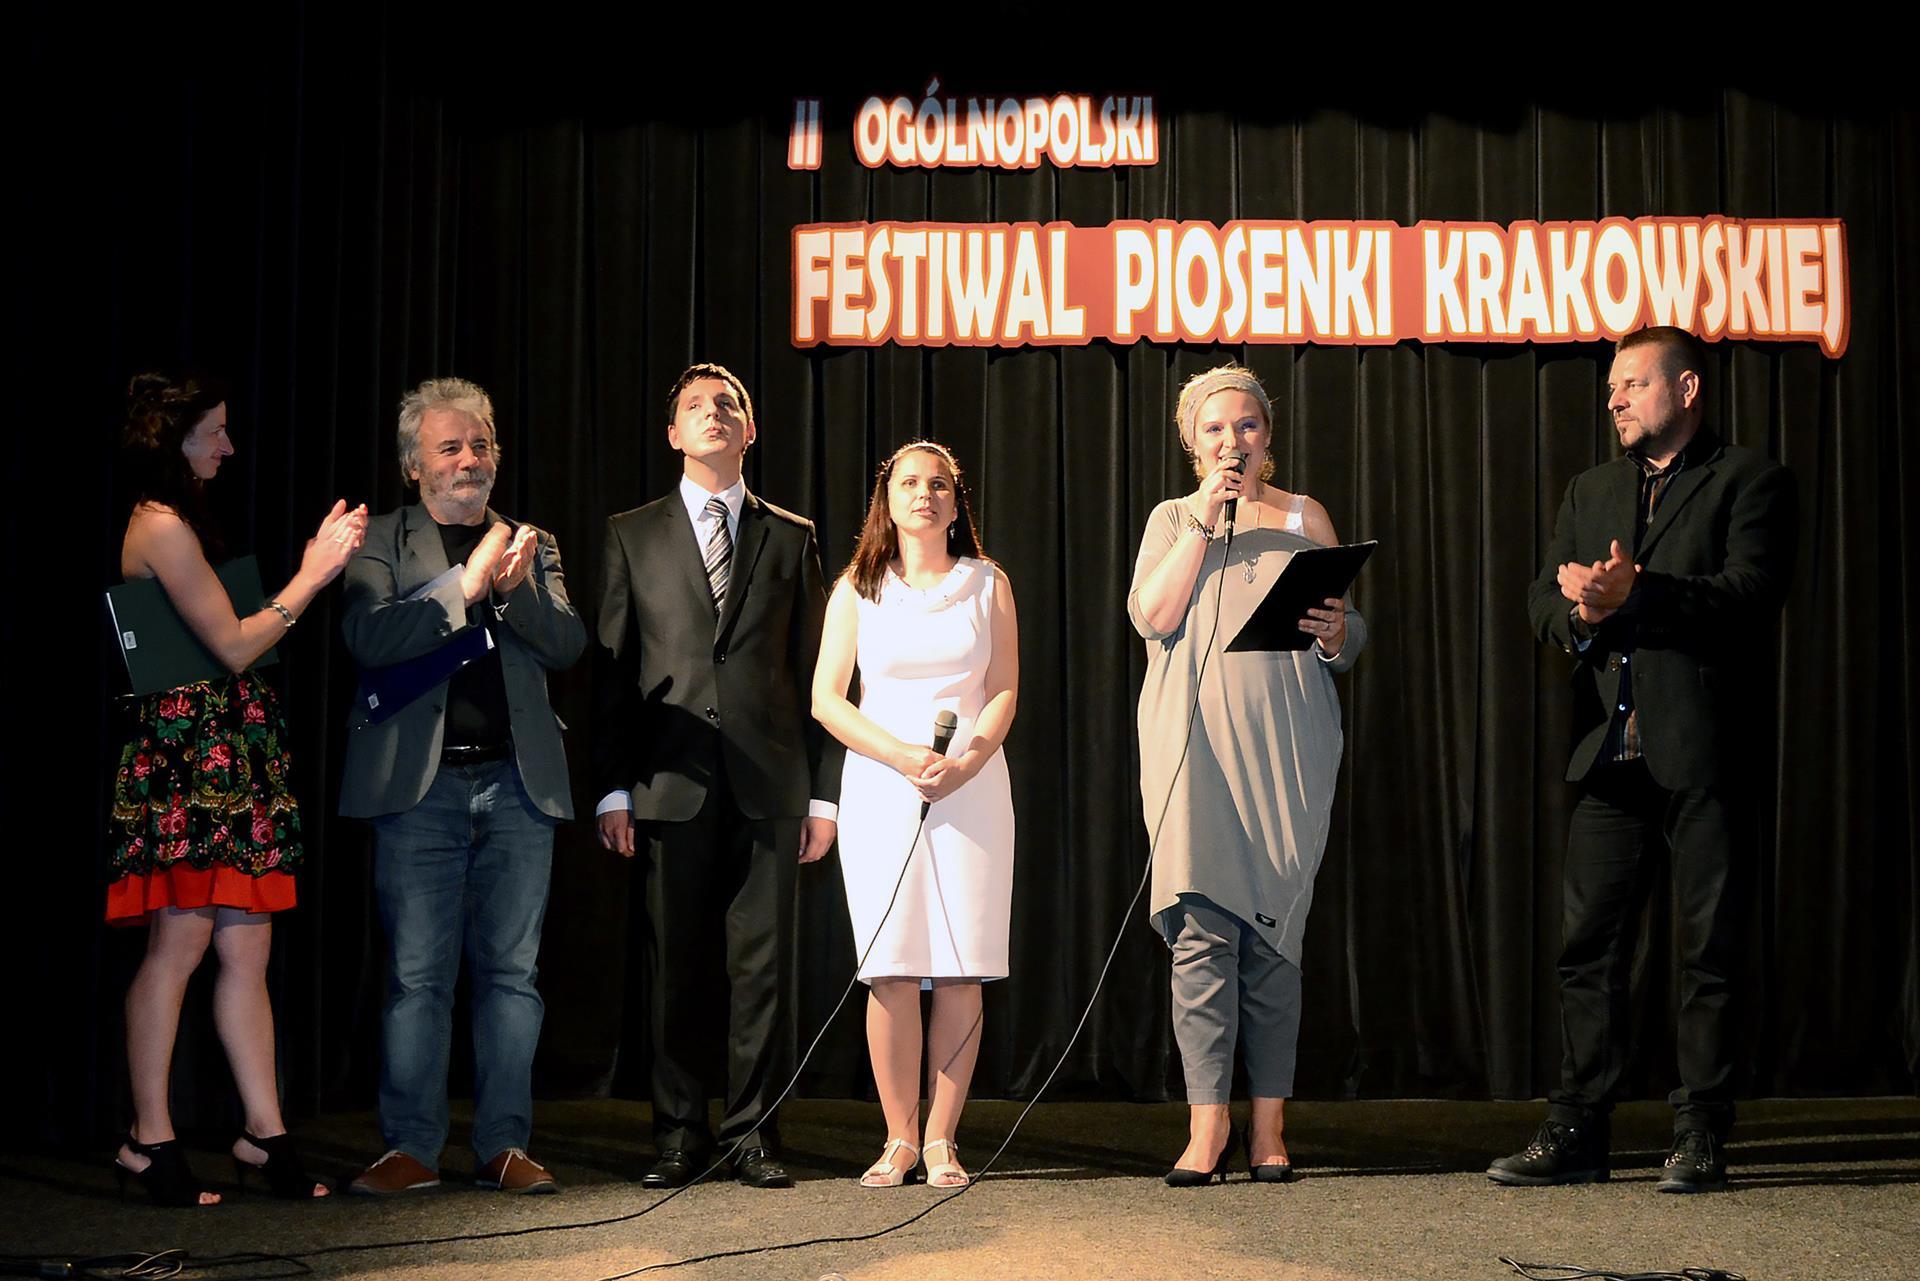 przedstawiciele Fundacji i jurorzy podczas ogłaszania wyników festiwalu